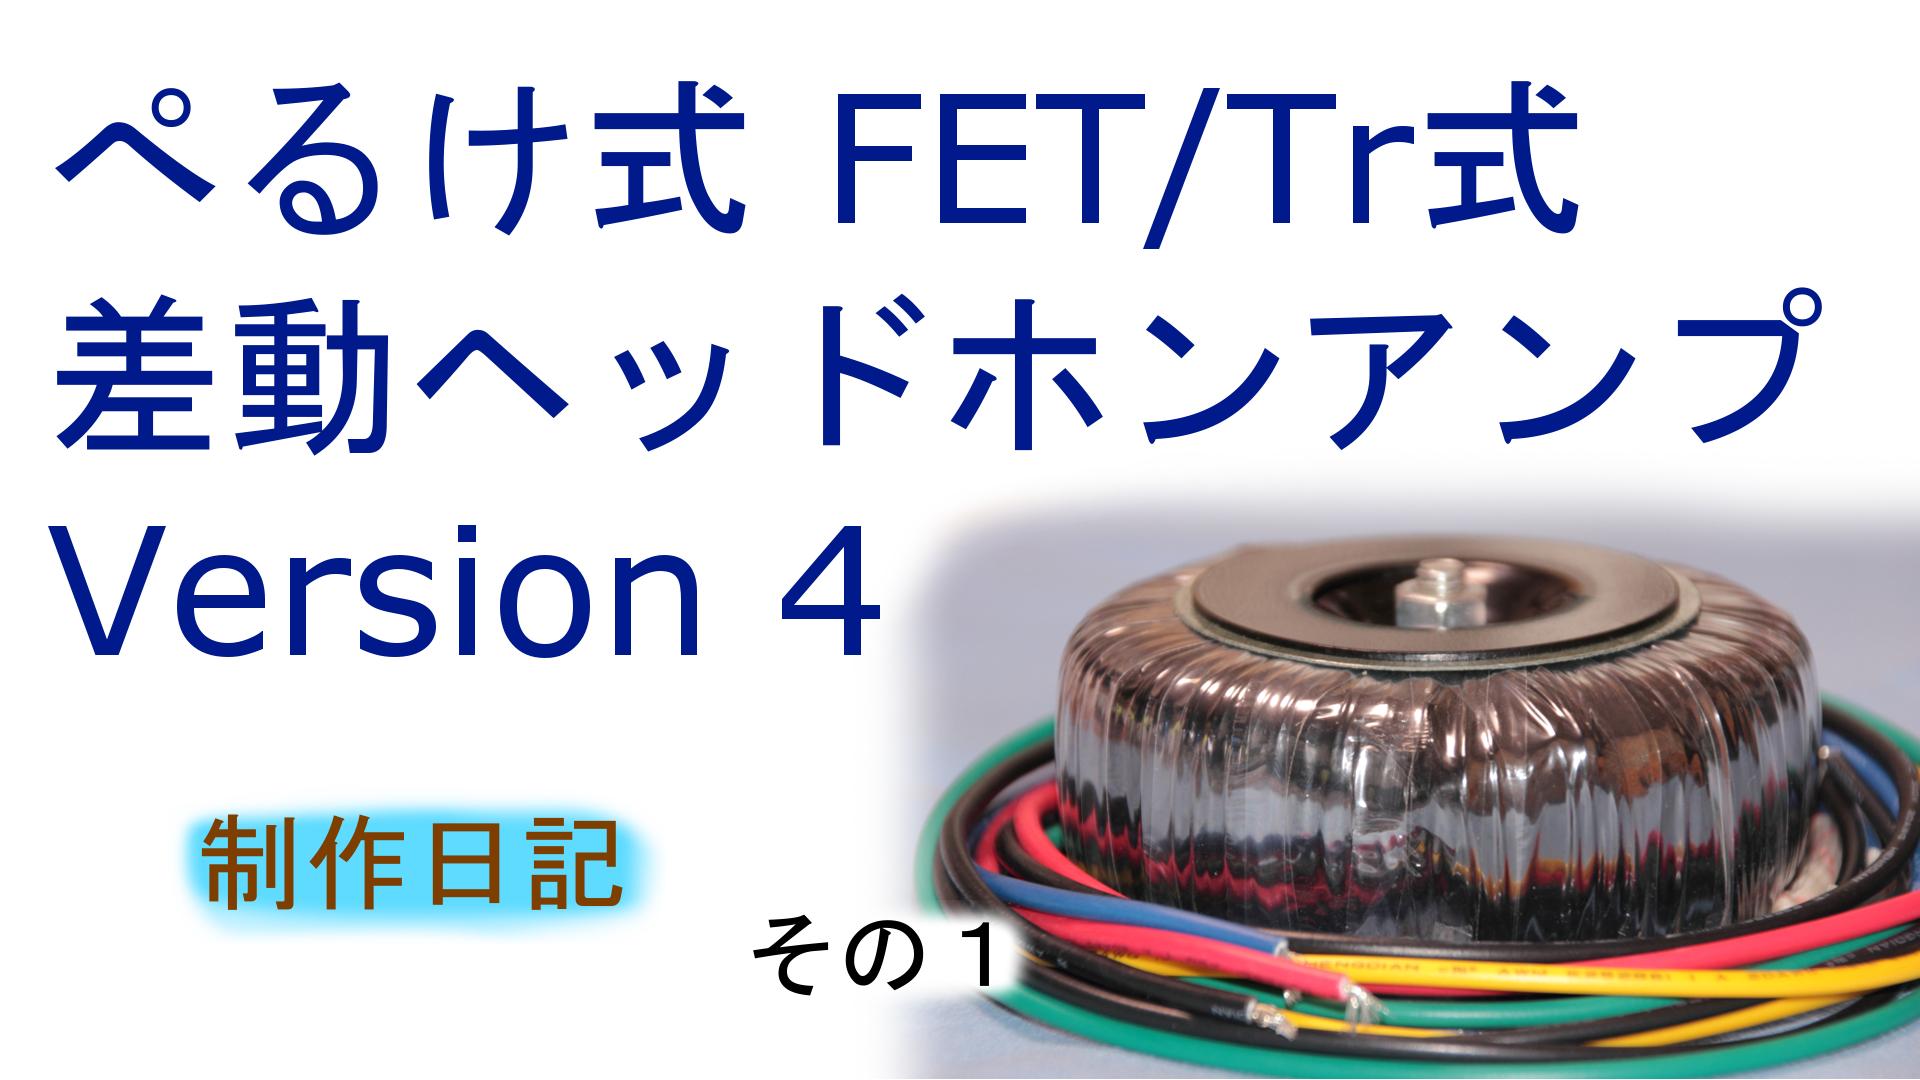 ぺるけ式 FETTr式差動ヘッドホンアンプ Version 4 その1